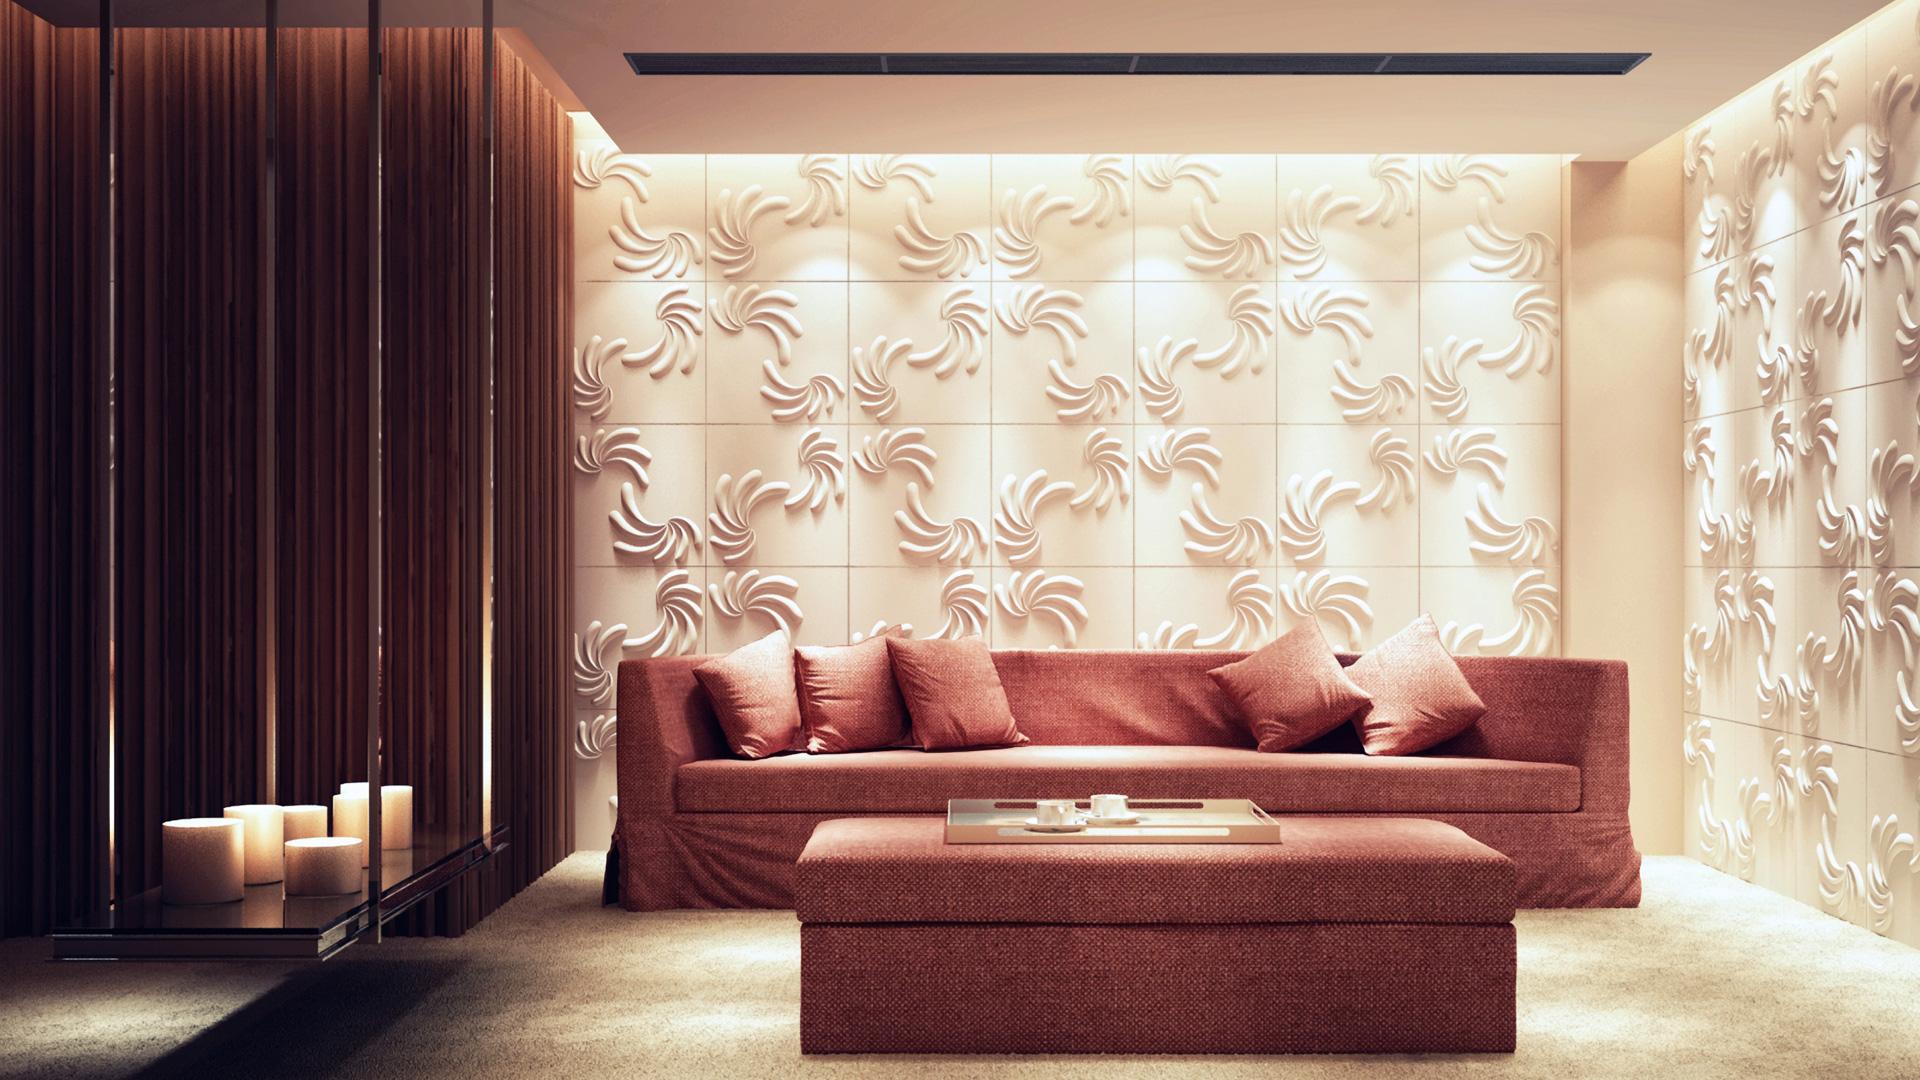 Wandpaneel Küche Glas mit gut design für ihr haus ideen